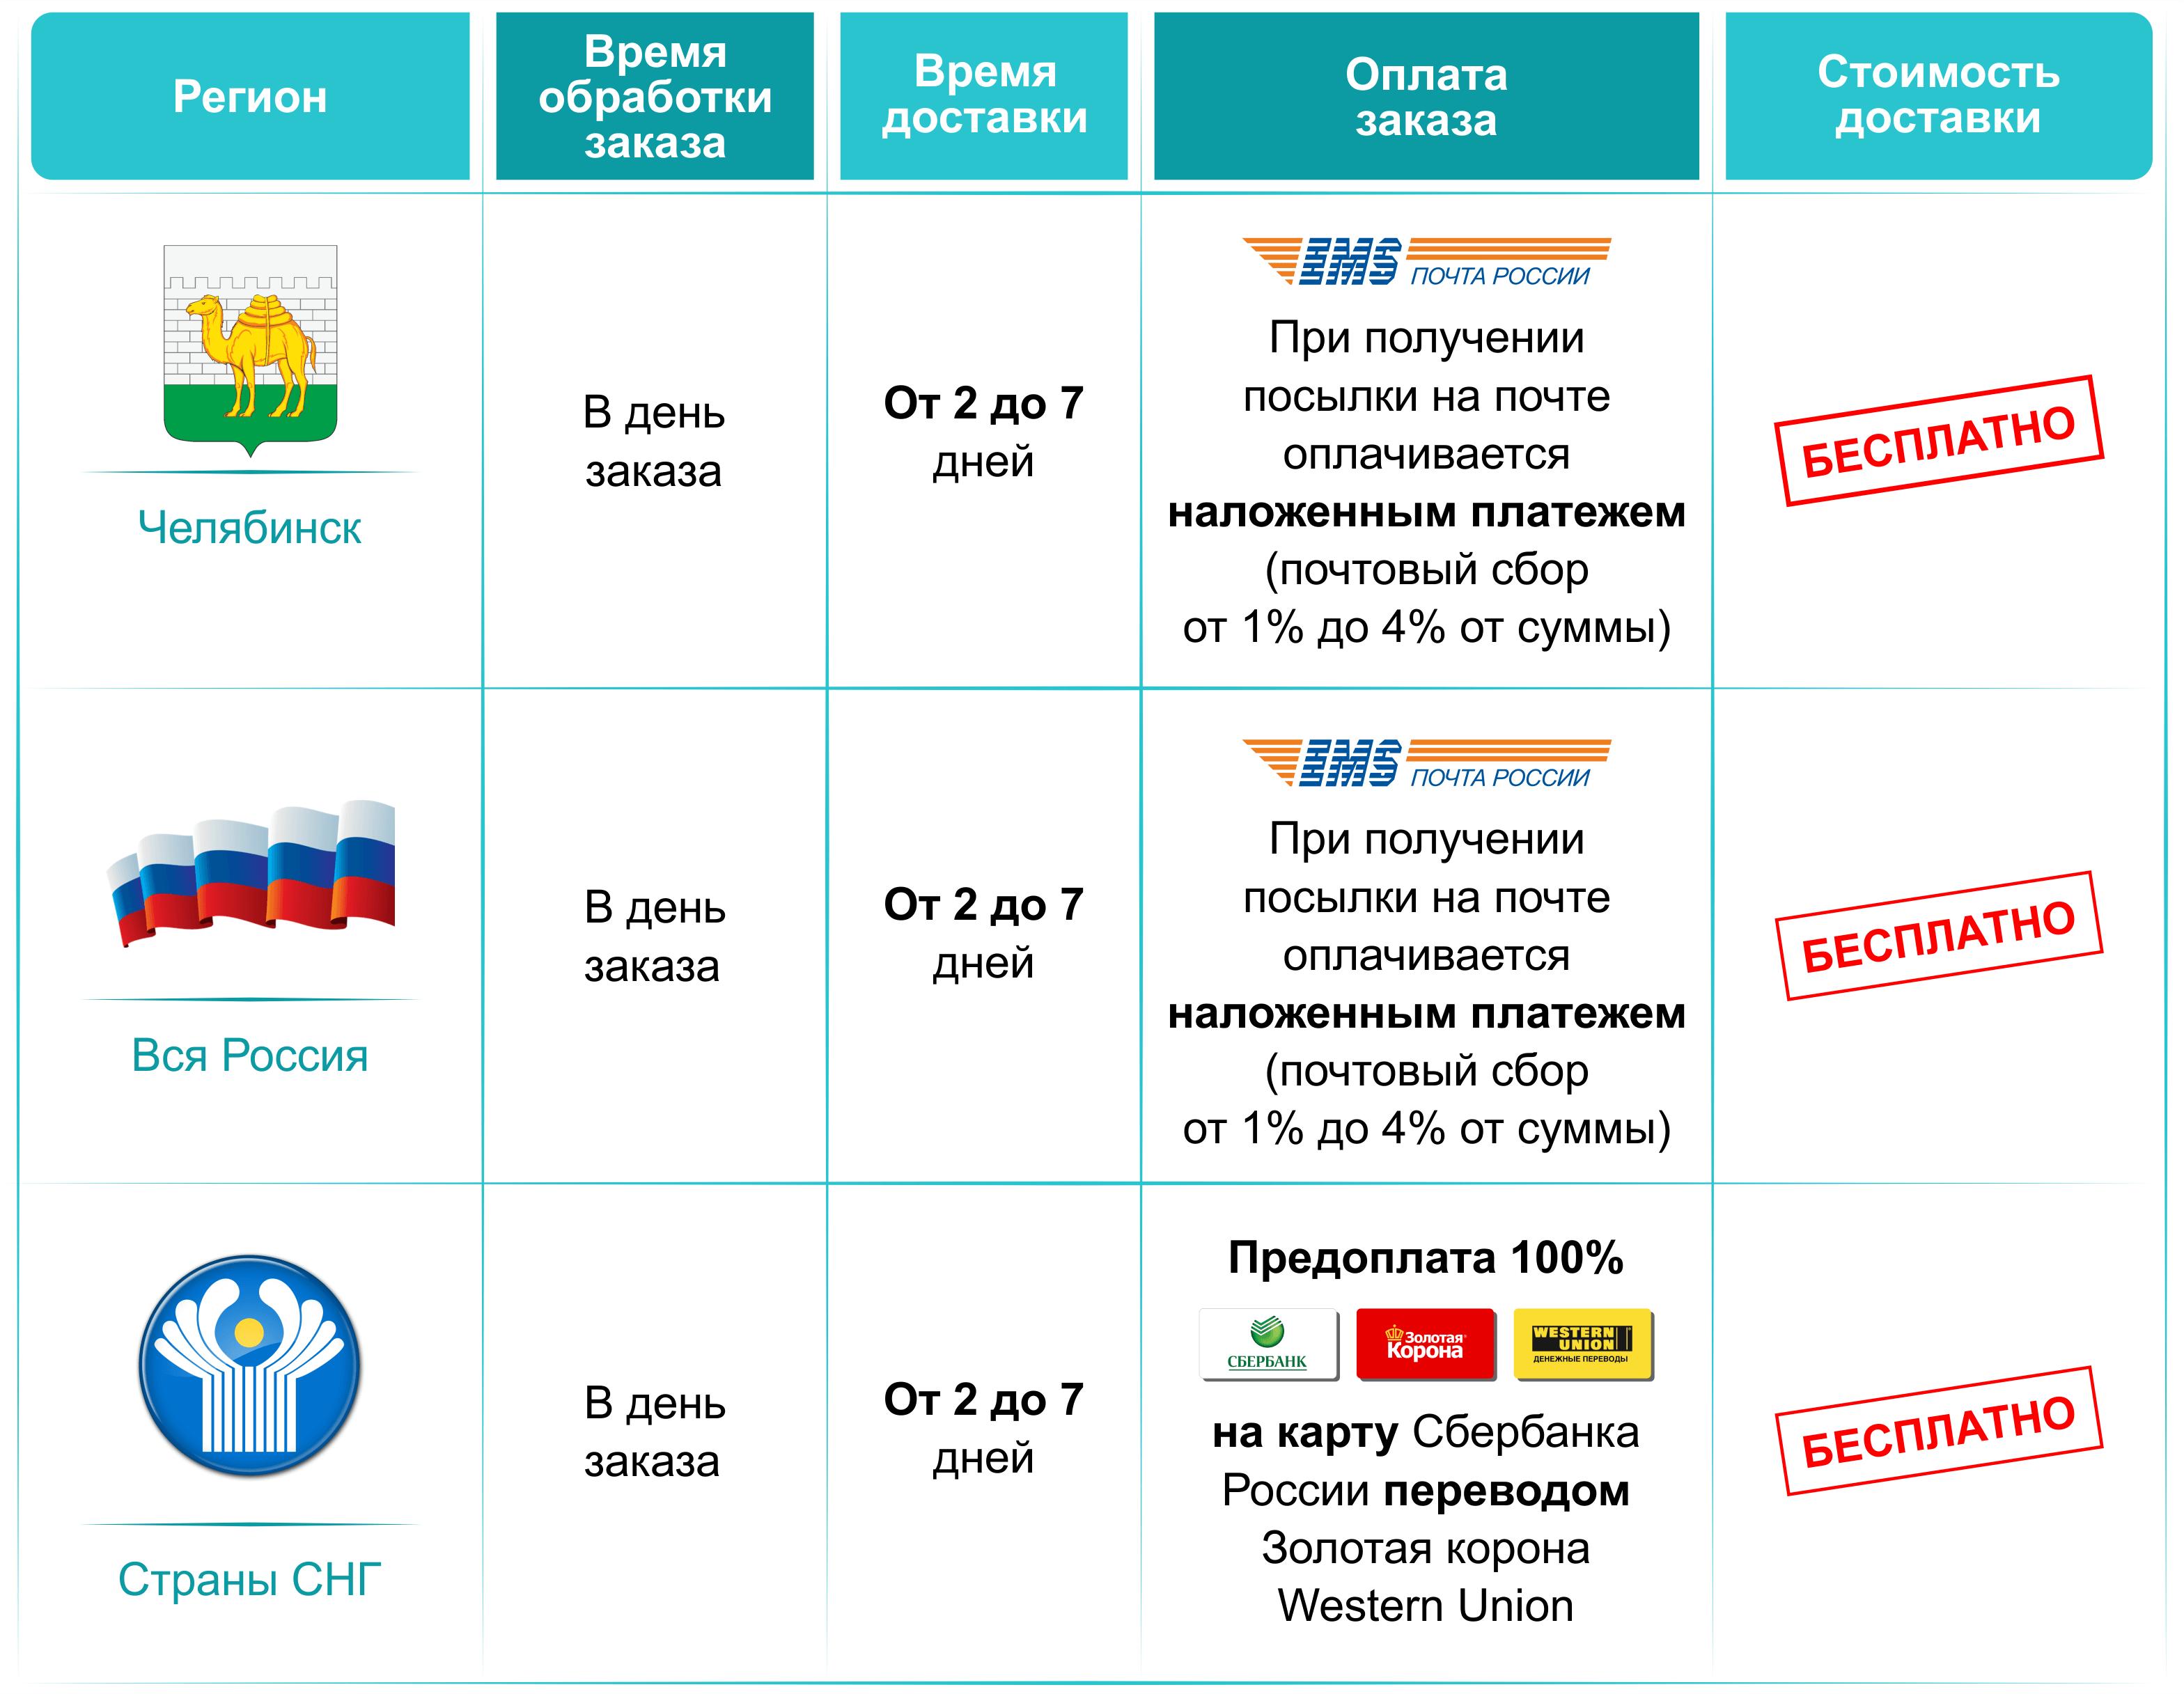 фото Челябинск доставка